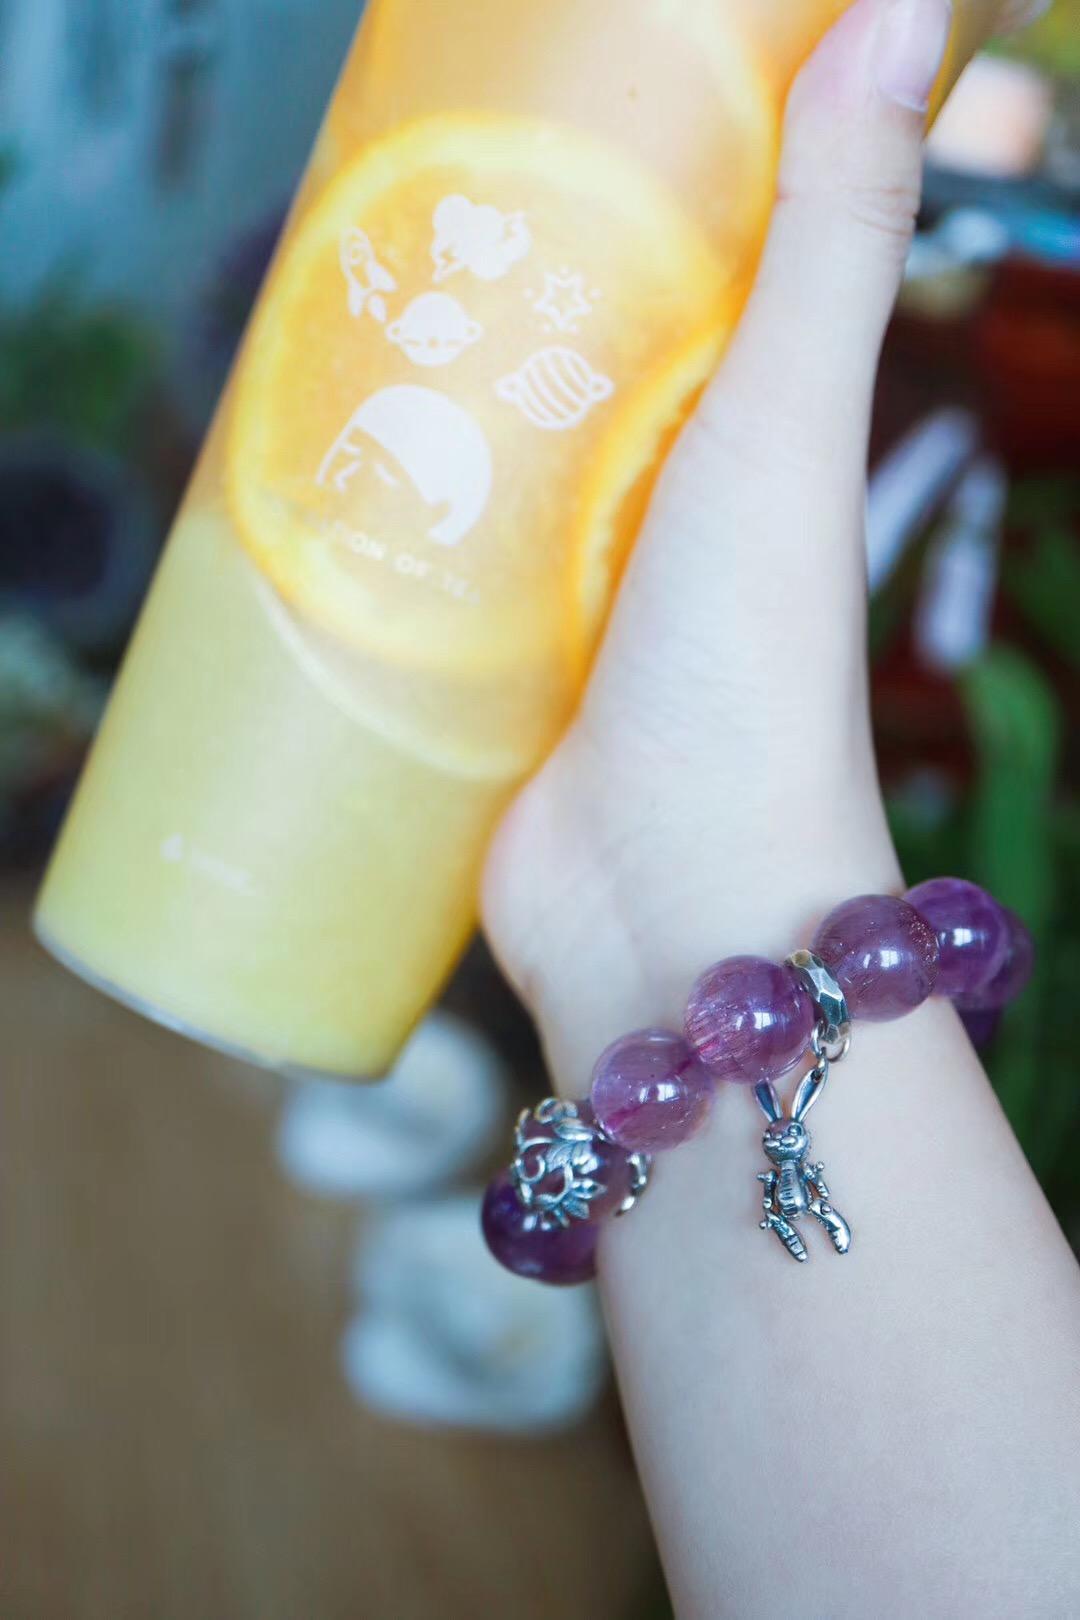 【紫发晶】这条紫发晶,满满的童趣。直径13.5mm-菩心晶舍